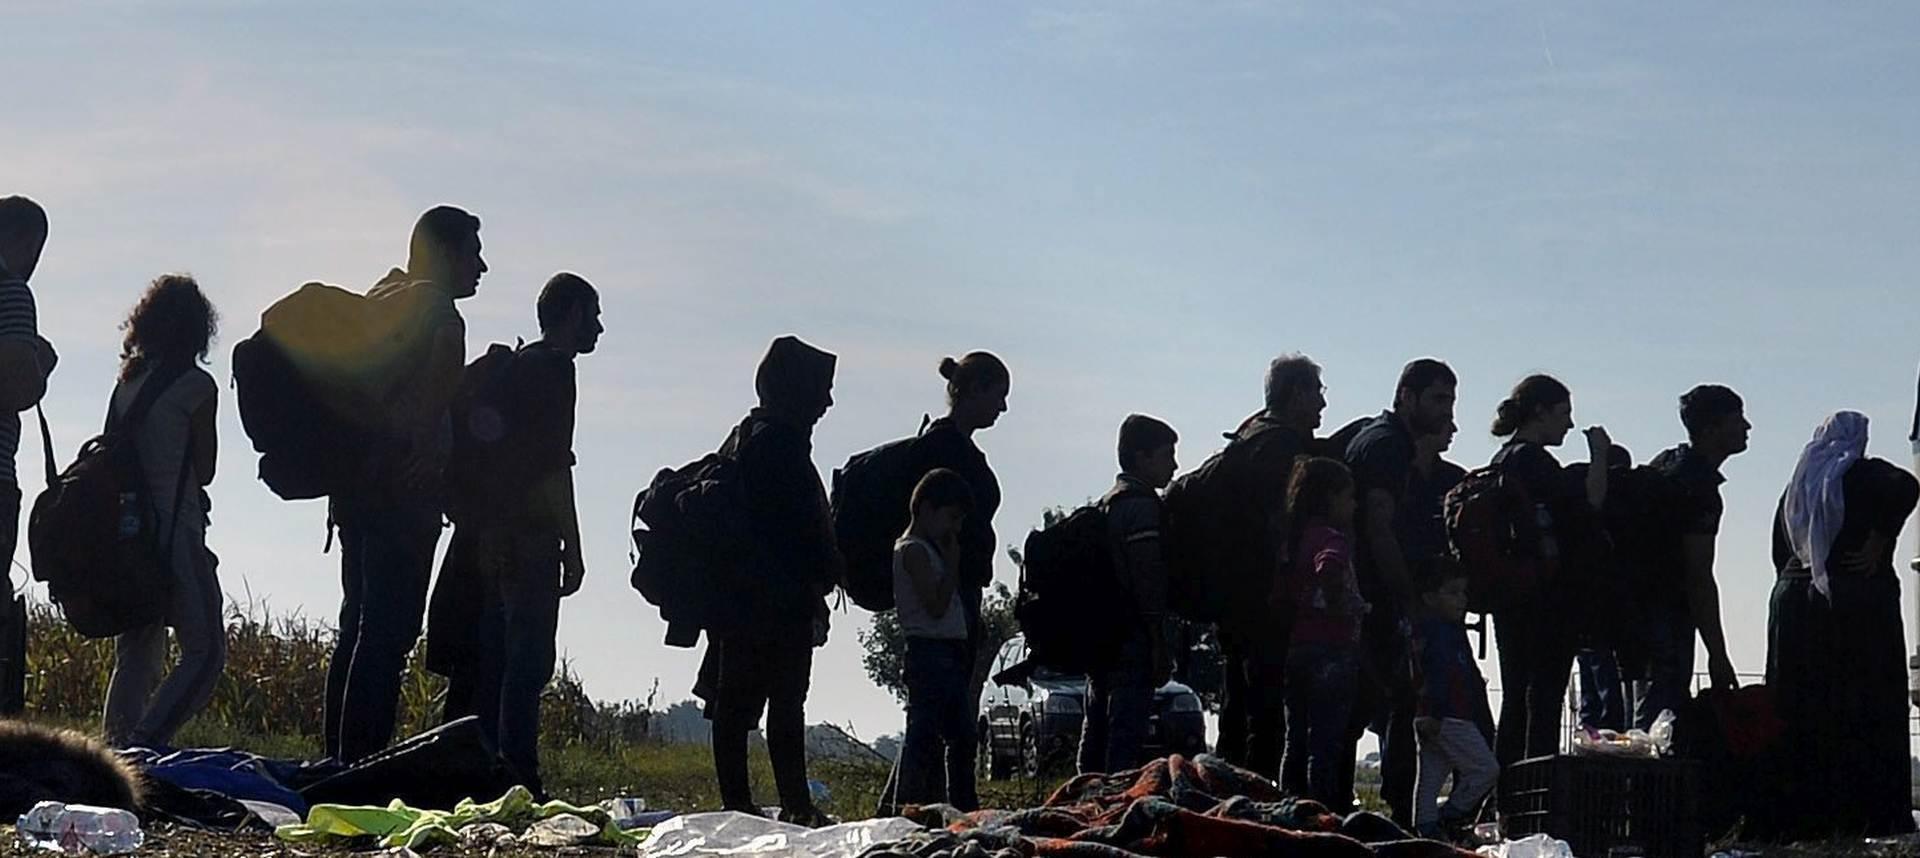 SPRIJEČAVANJE TRAGEDIJA: Austrija uvodi snažnije kontrole na granici i cestama